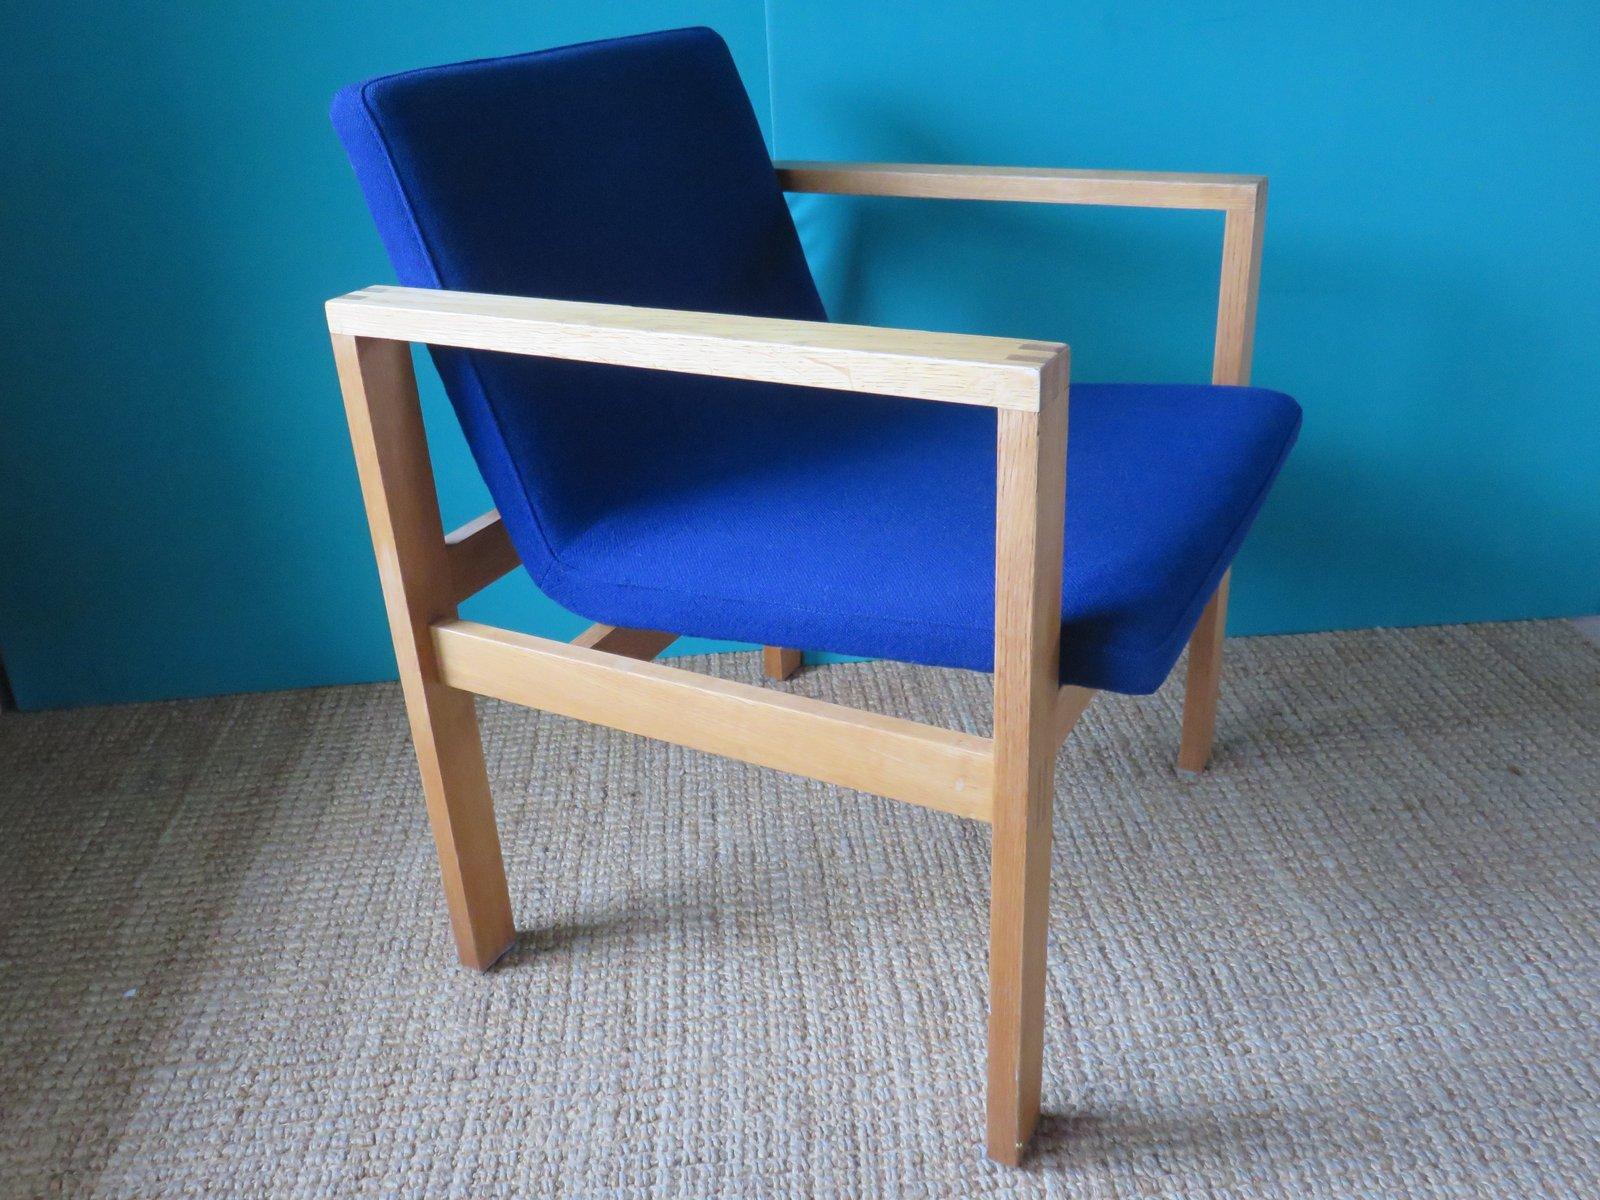 d nischer eiche polsterstuhl von christian linneberg. Black Bedroom Furniture Sets. Home Design Ideas